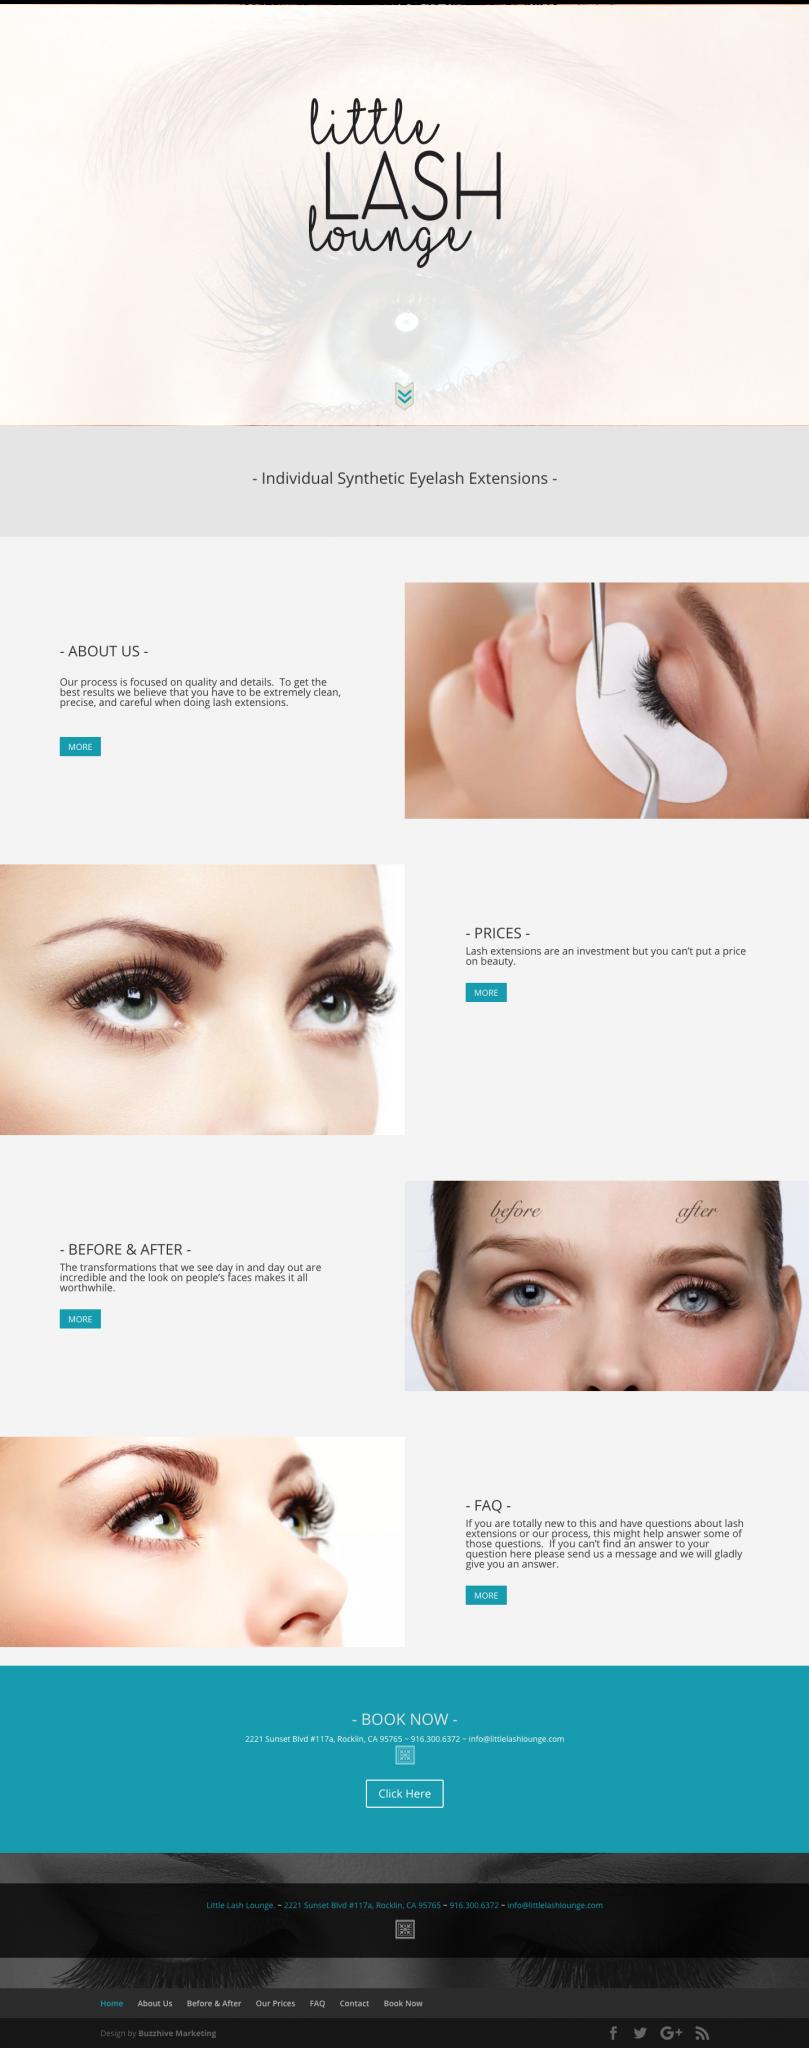 little-lash-lounge-1 Web Design & Development